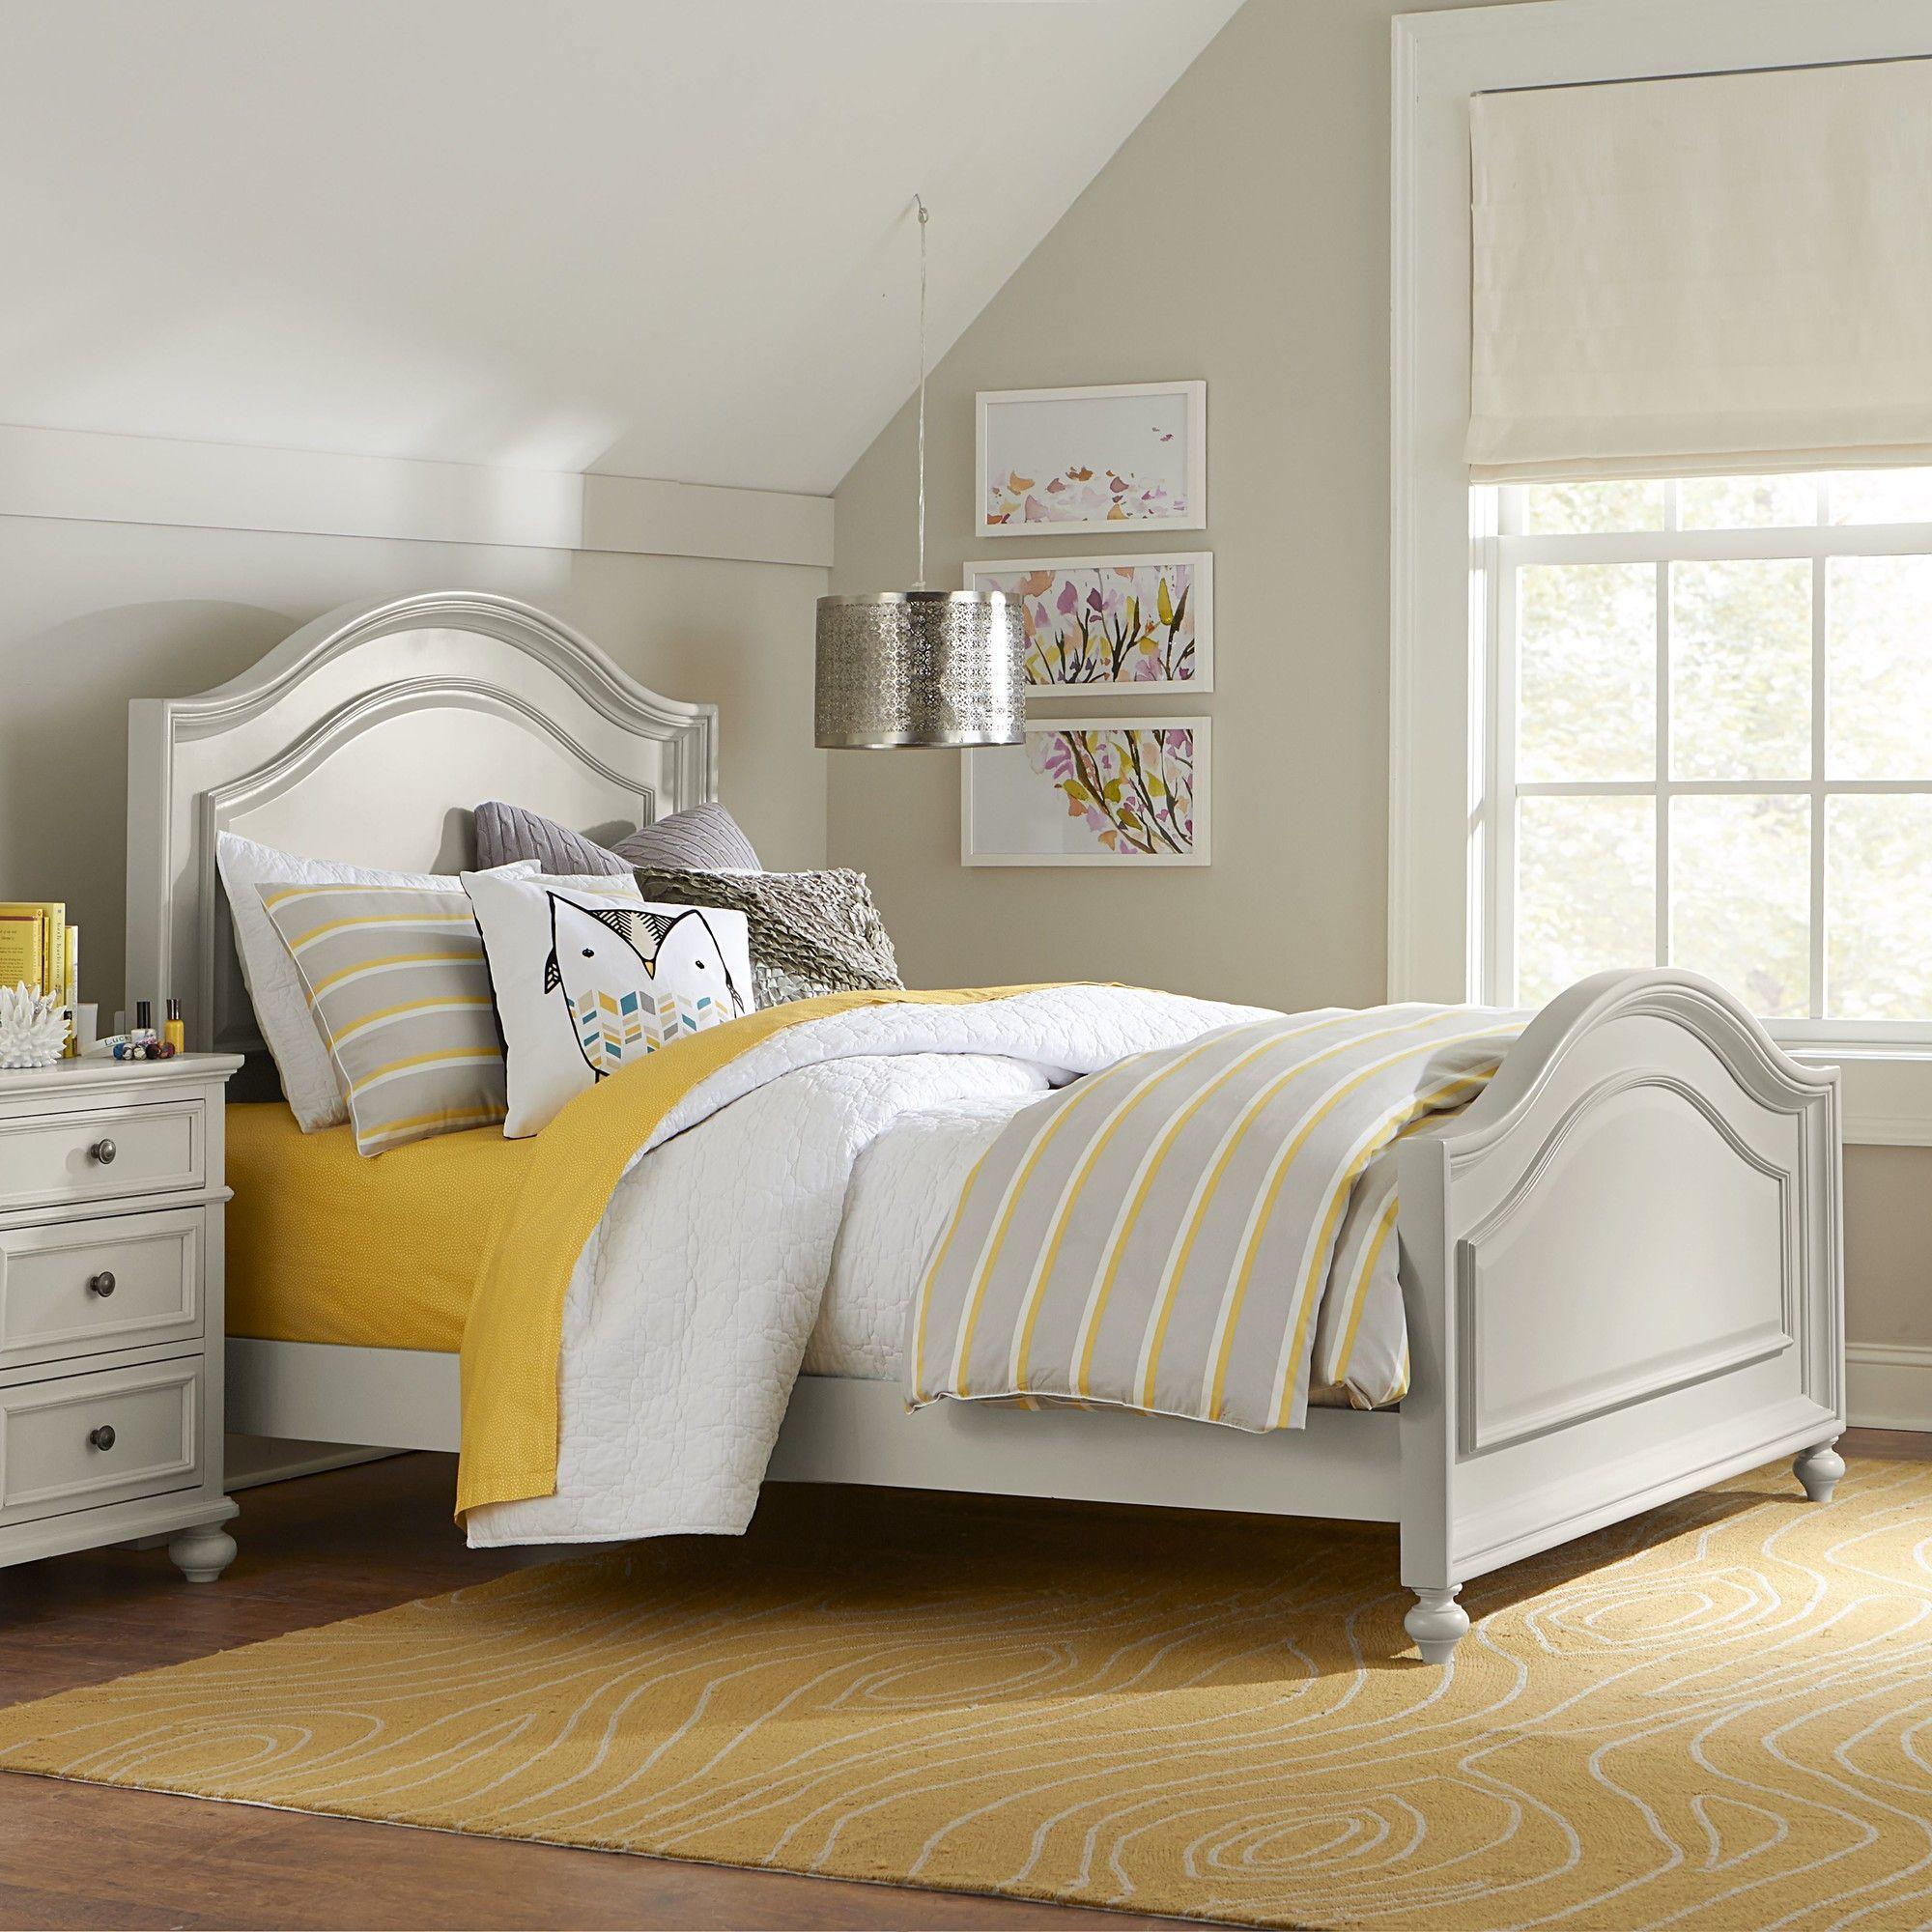 Haley Panel Bed Bedroom set, Kids bedroom sets, Furniture